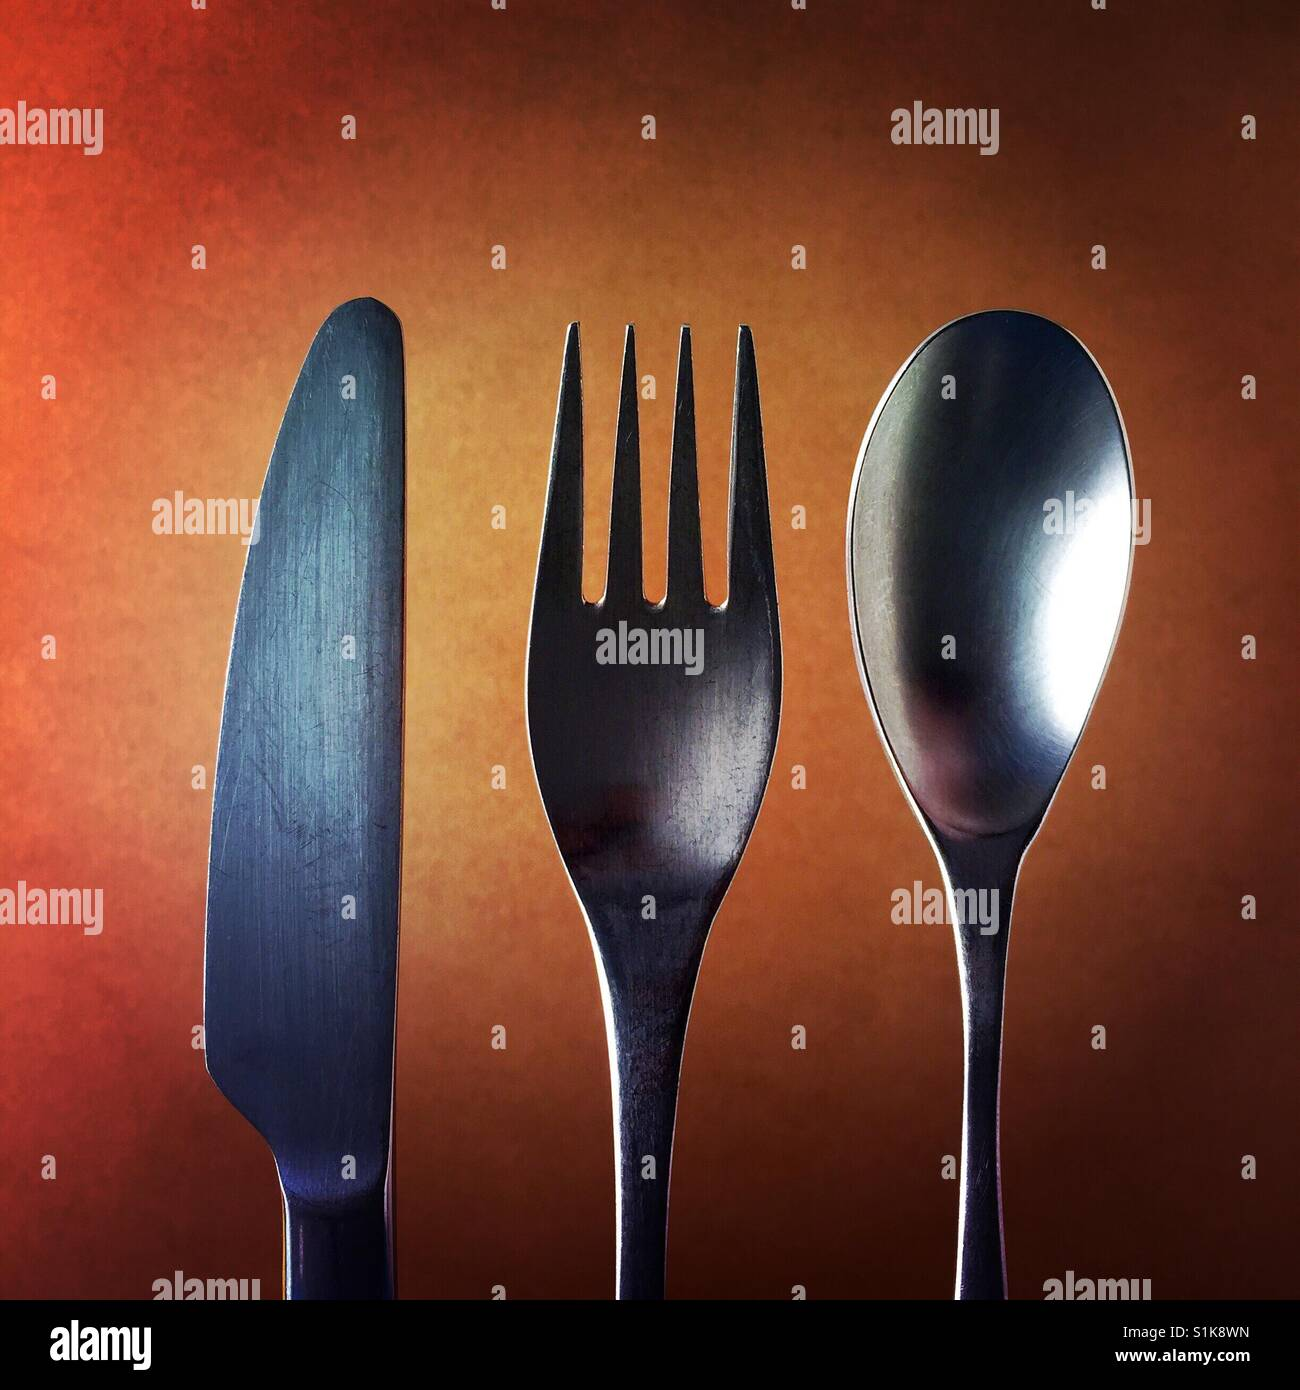 Eine Nahaufnahme von einem Messer und einer Gabel und einem Löffel über einem braunen Hintergrund Stockbild